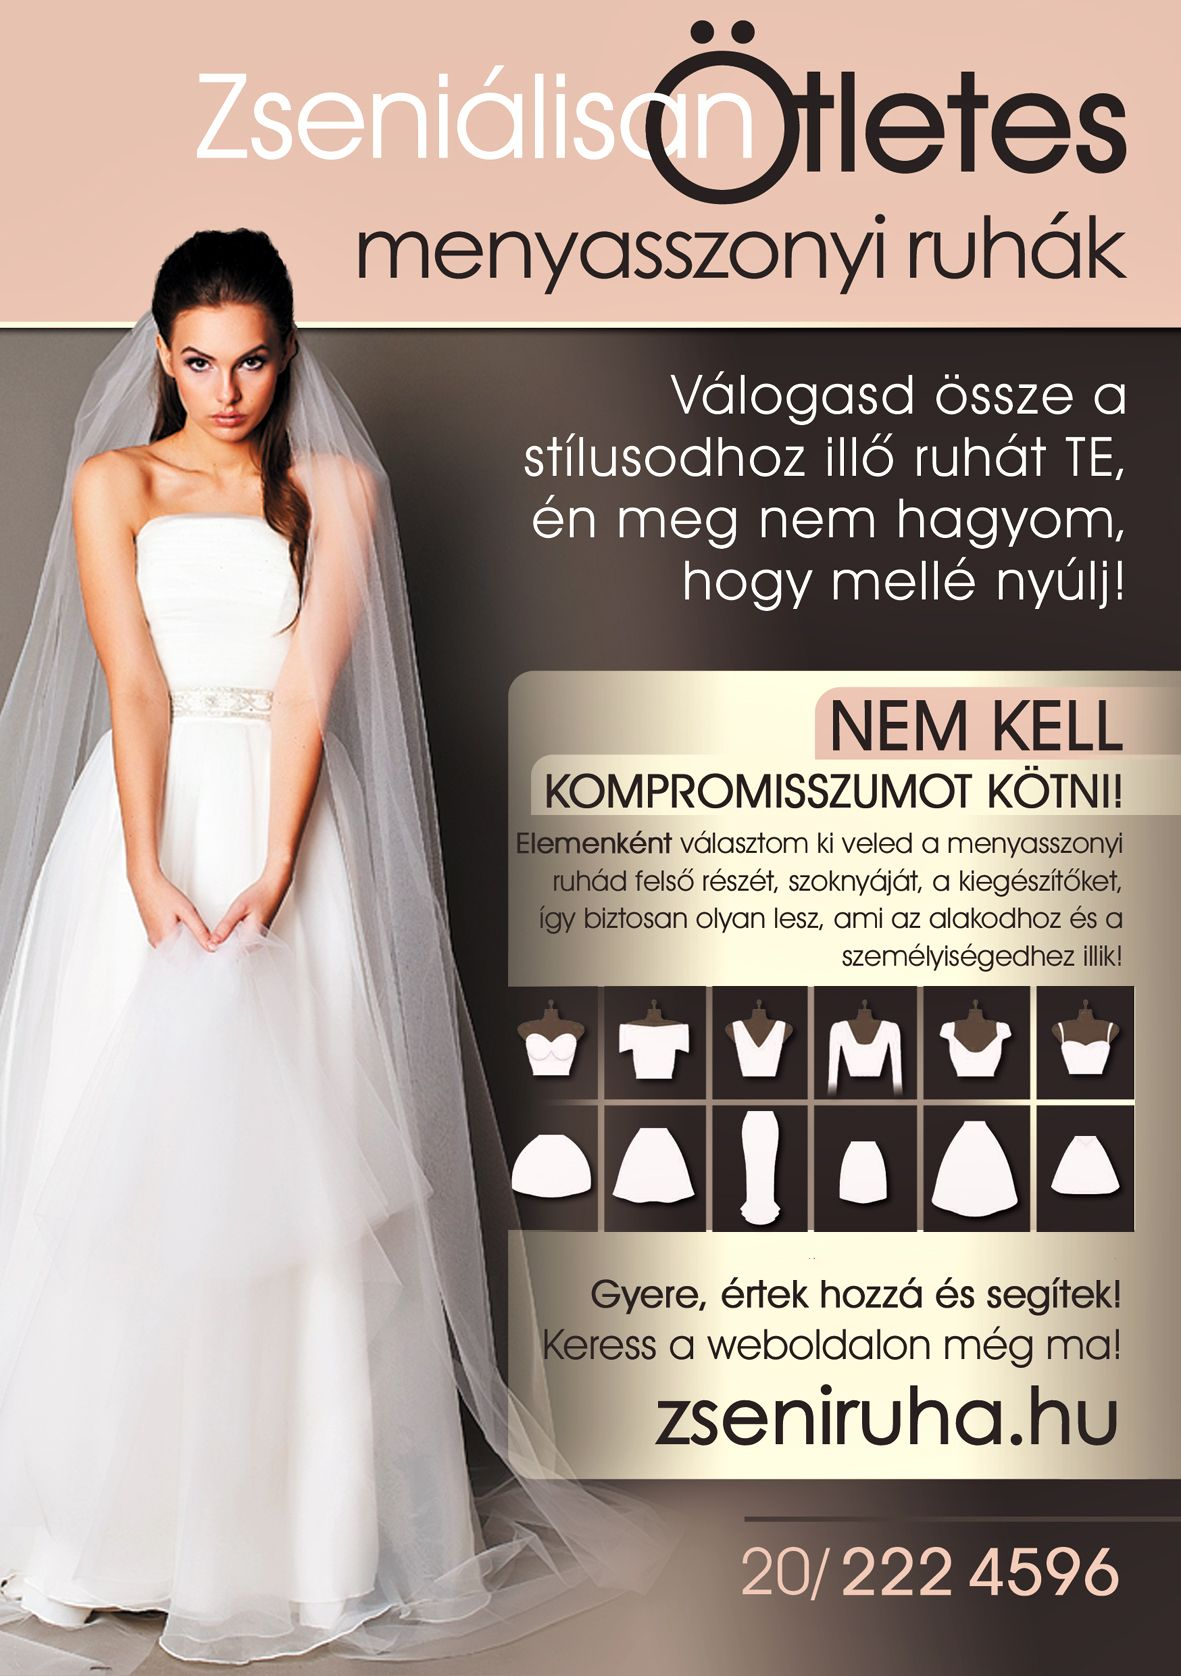 reklám menyasszonyok